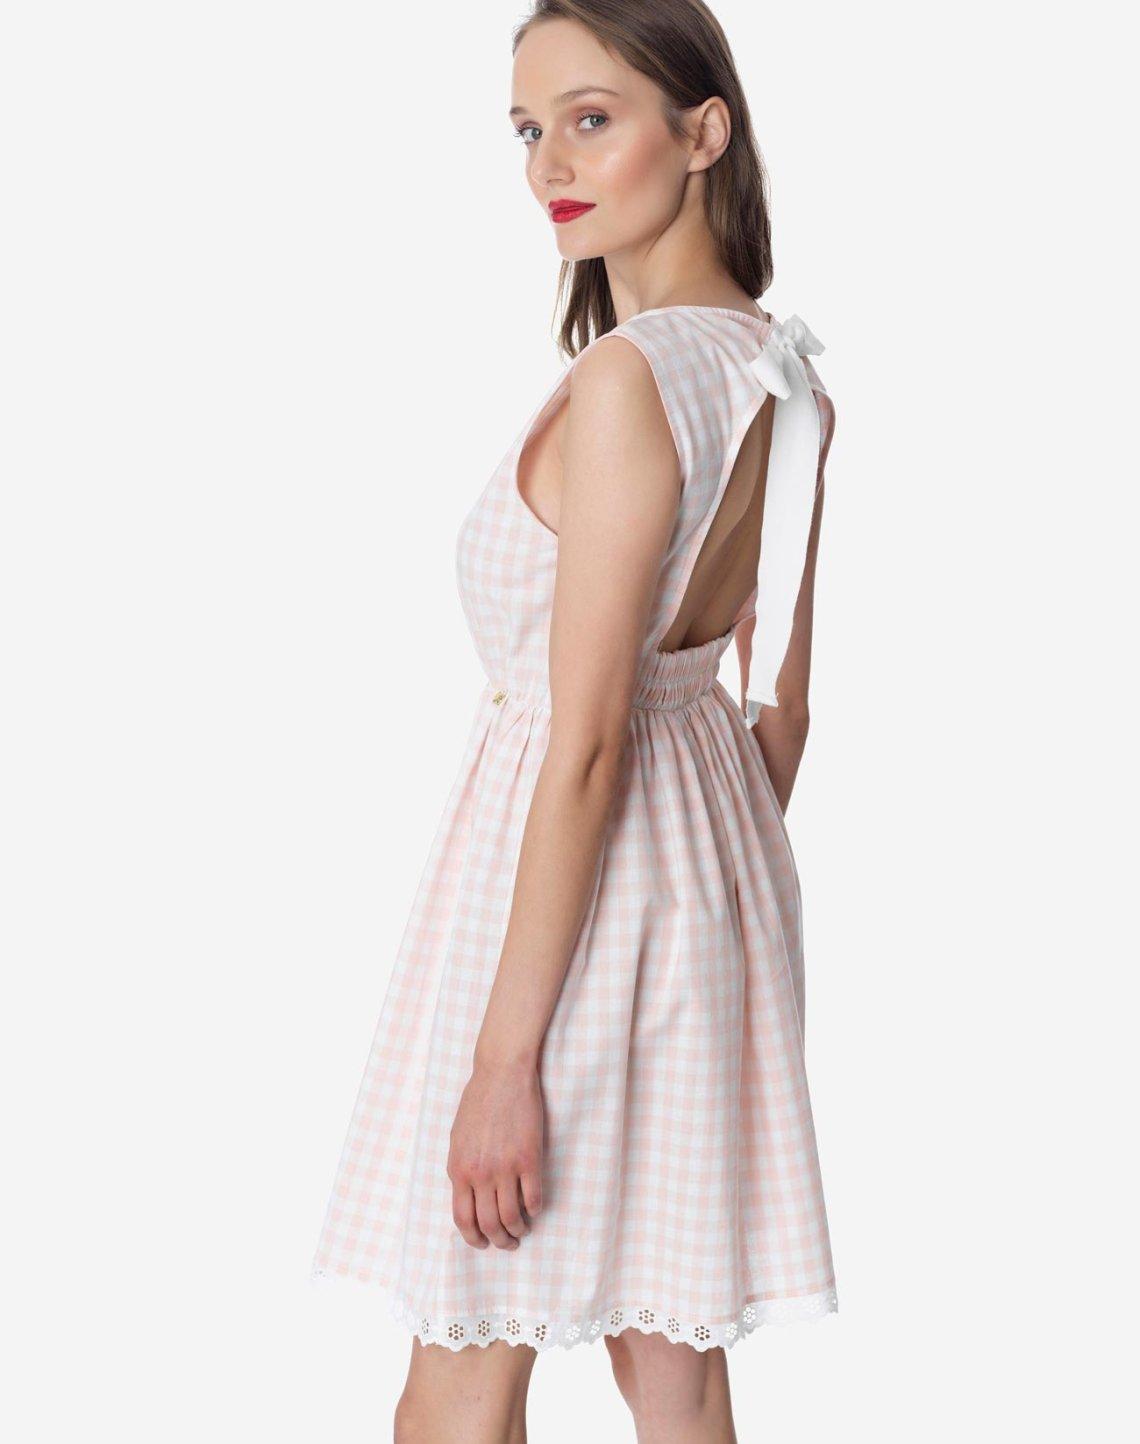 Καρό φόρεμα με ανοιχτή πλάτη